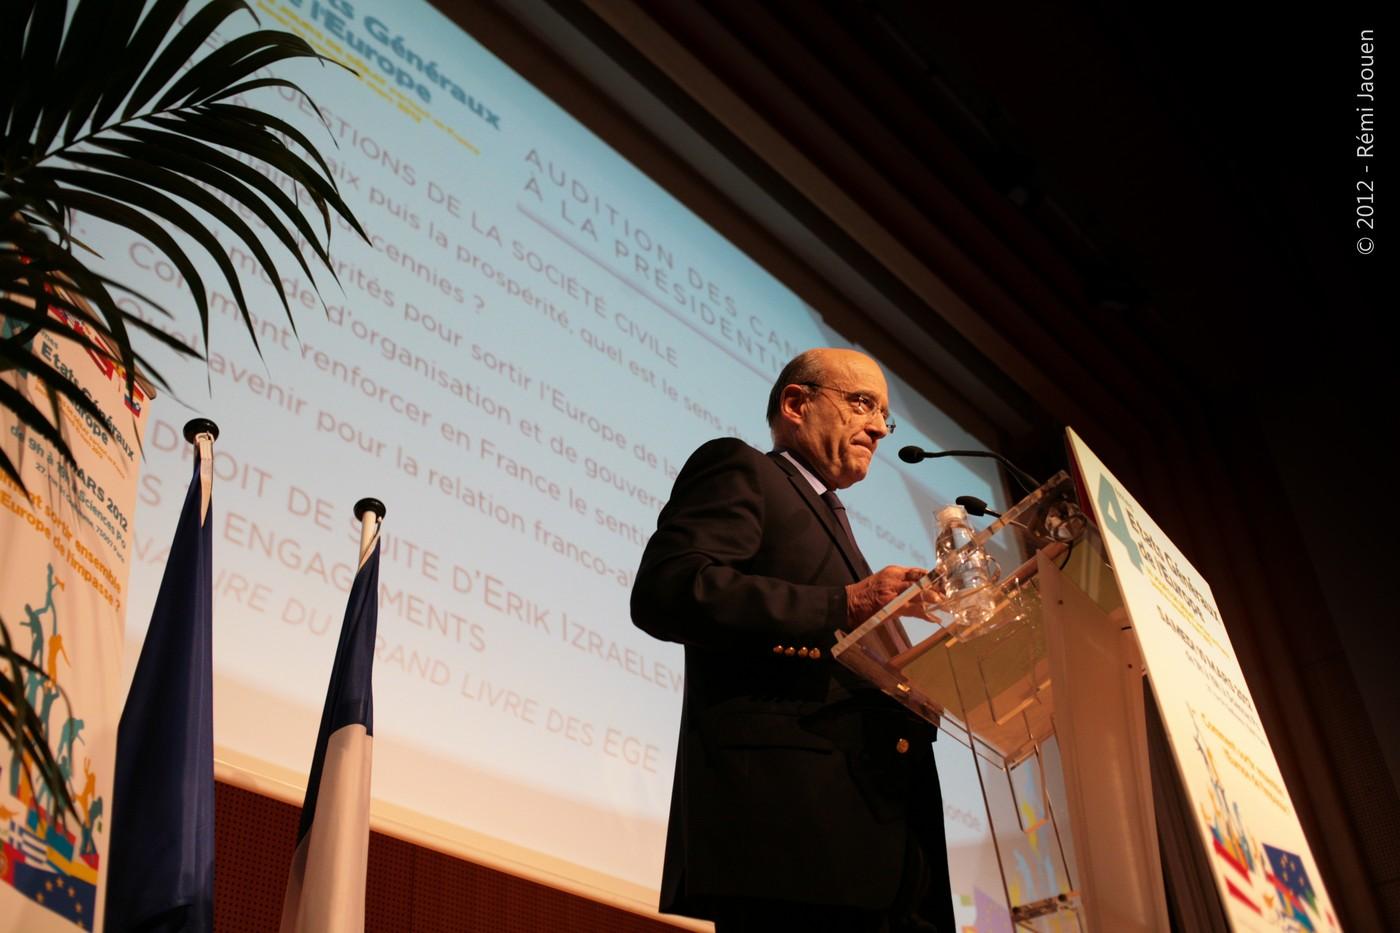 Alain Juppé États Généraux de l'Europe Rémi Jaouen Reportage photo Politique Corporate